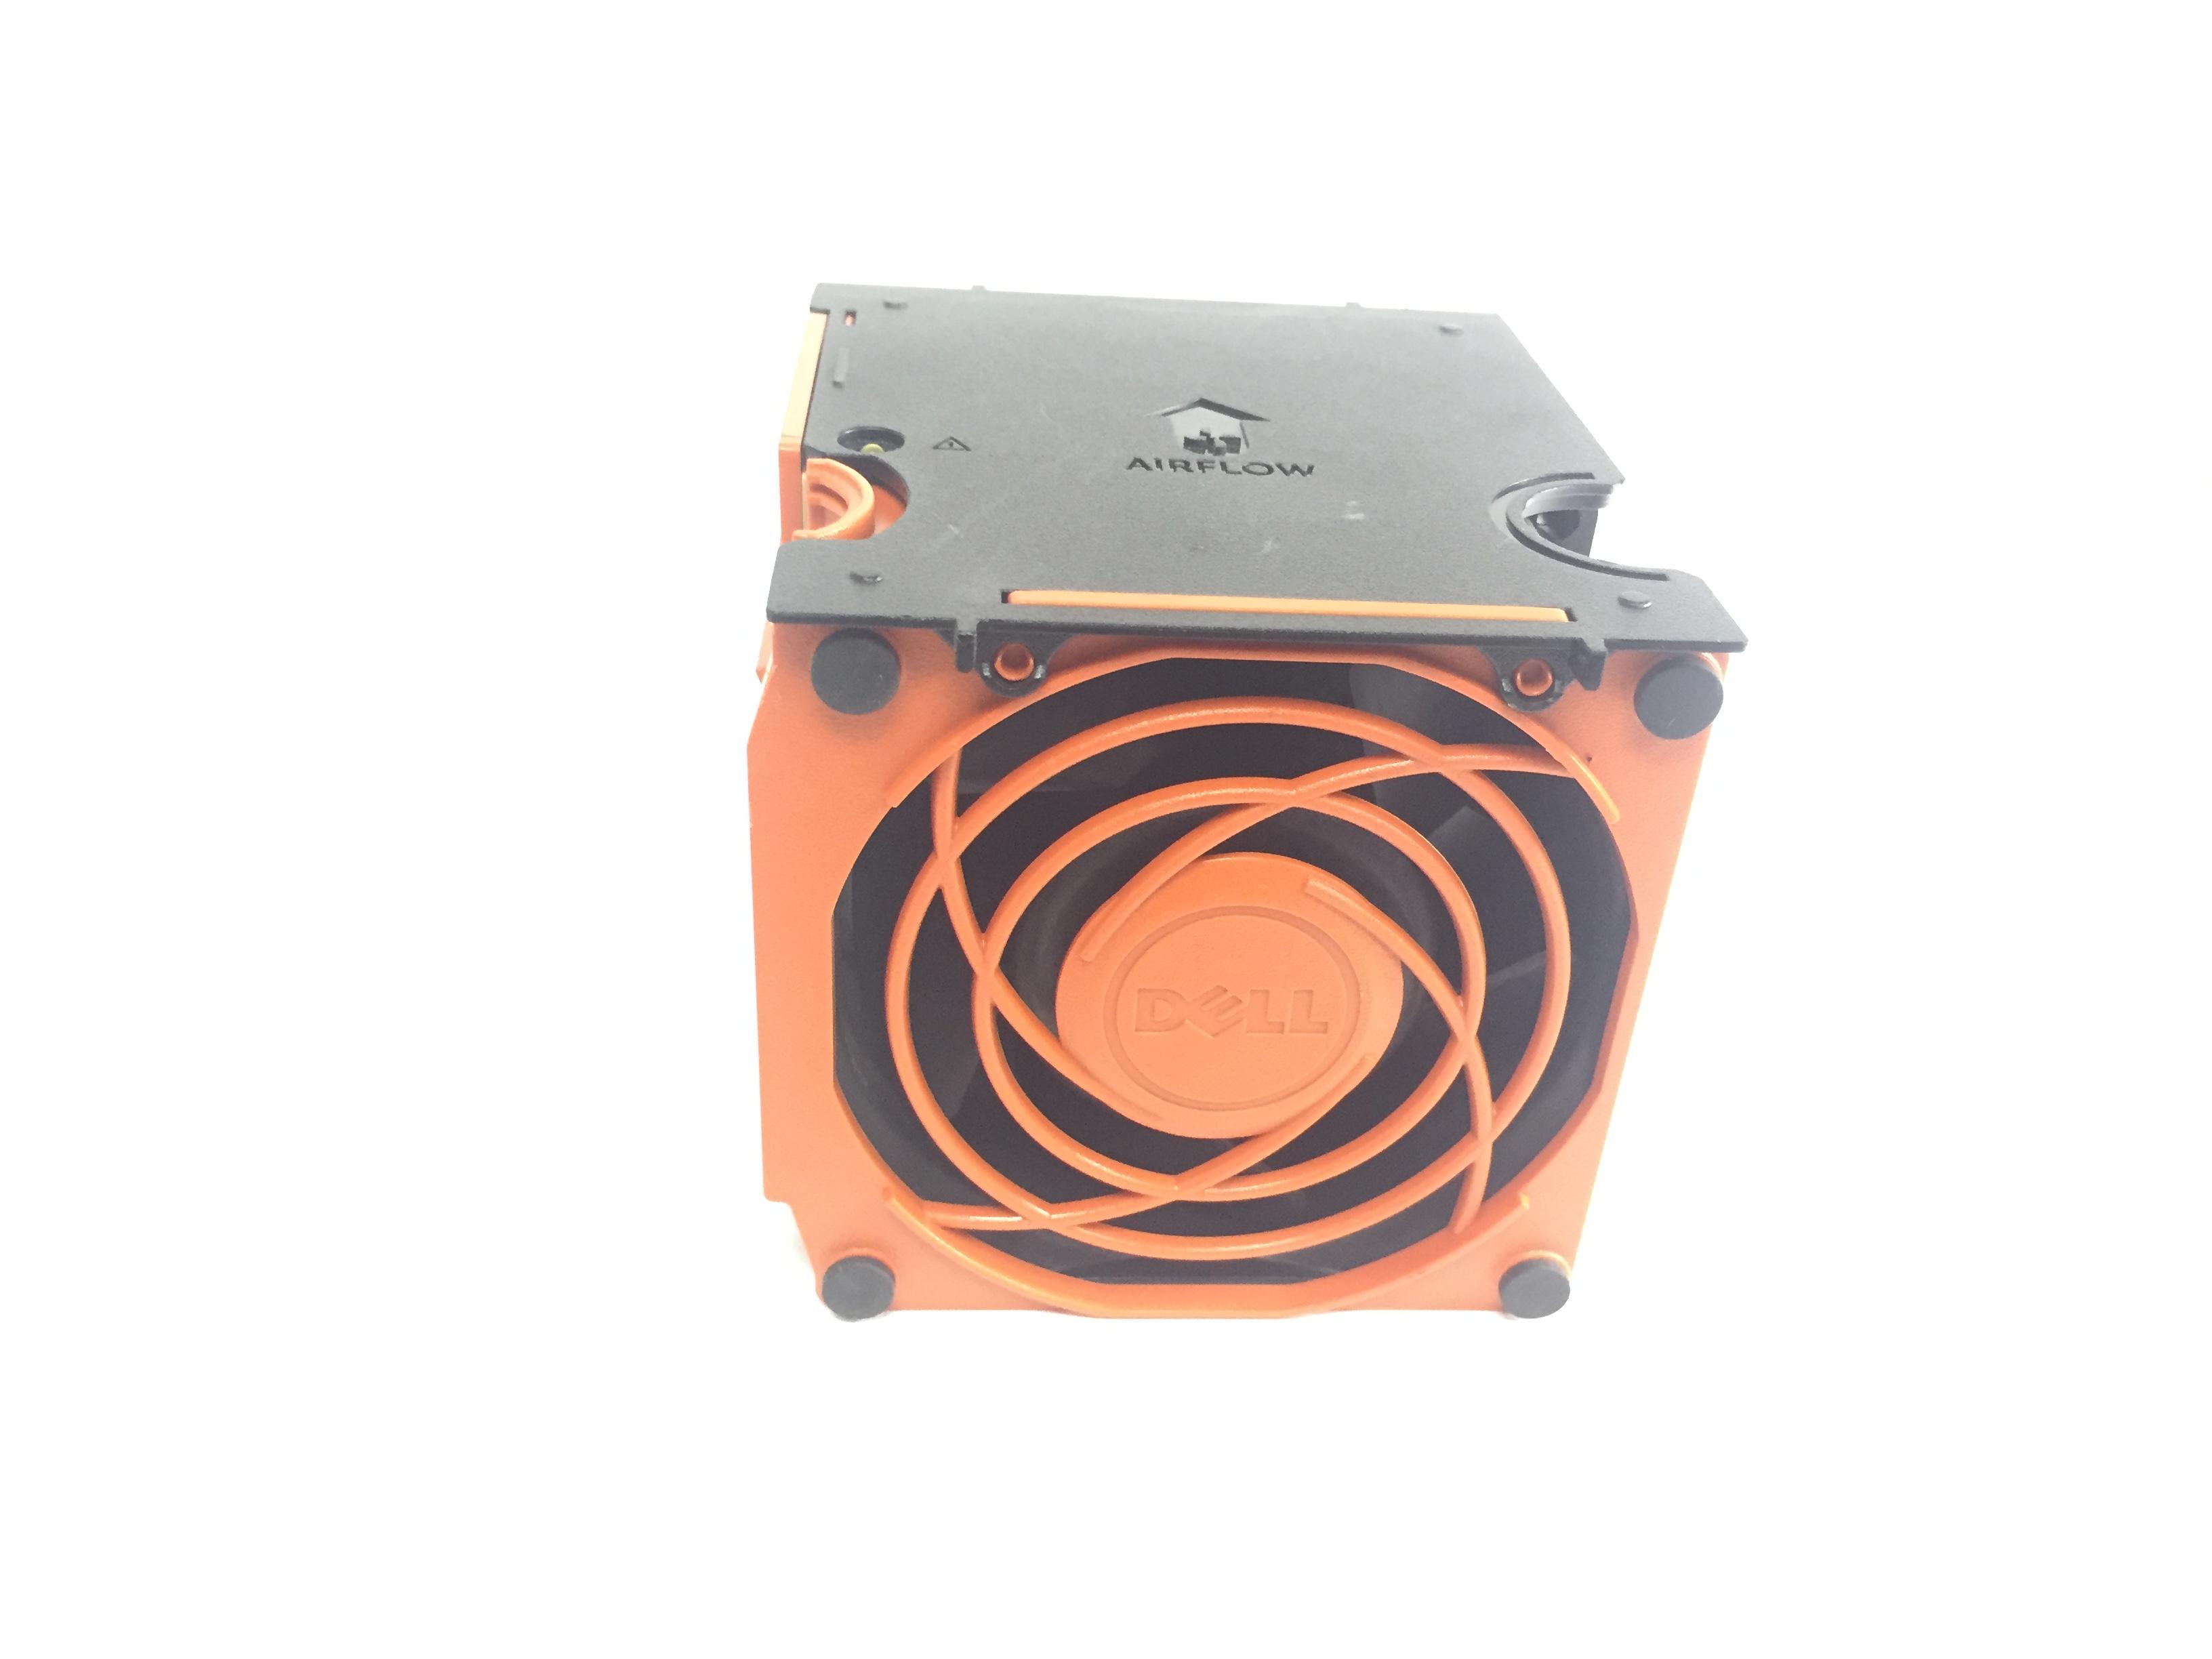 Dell Powerdge C5000 FX2S Hot Swap Delta Fan (6WW82)